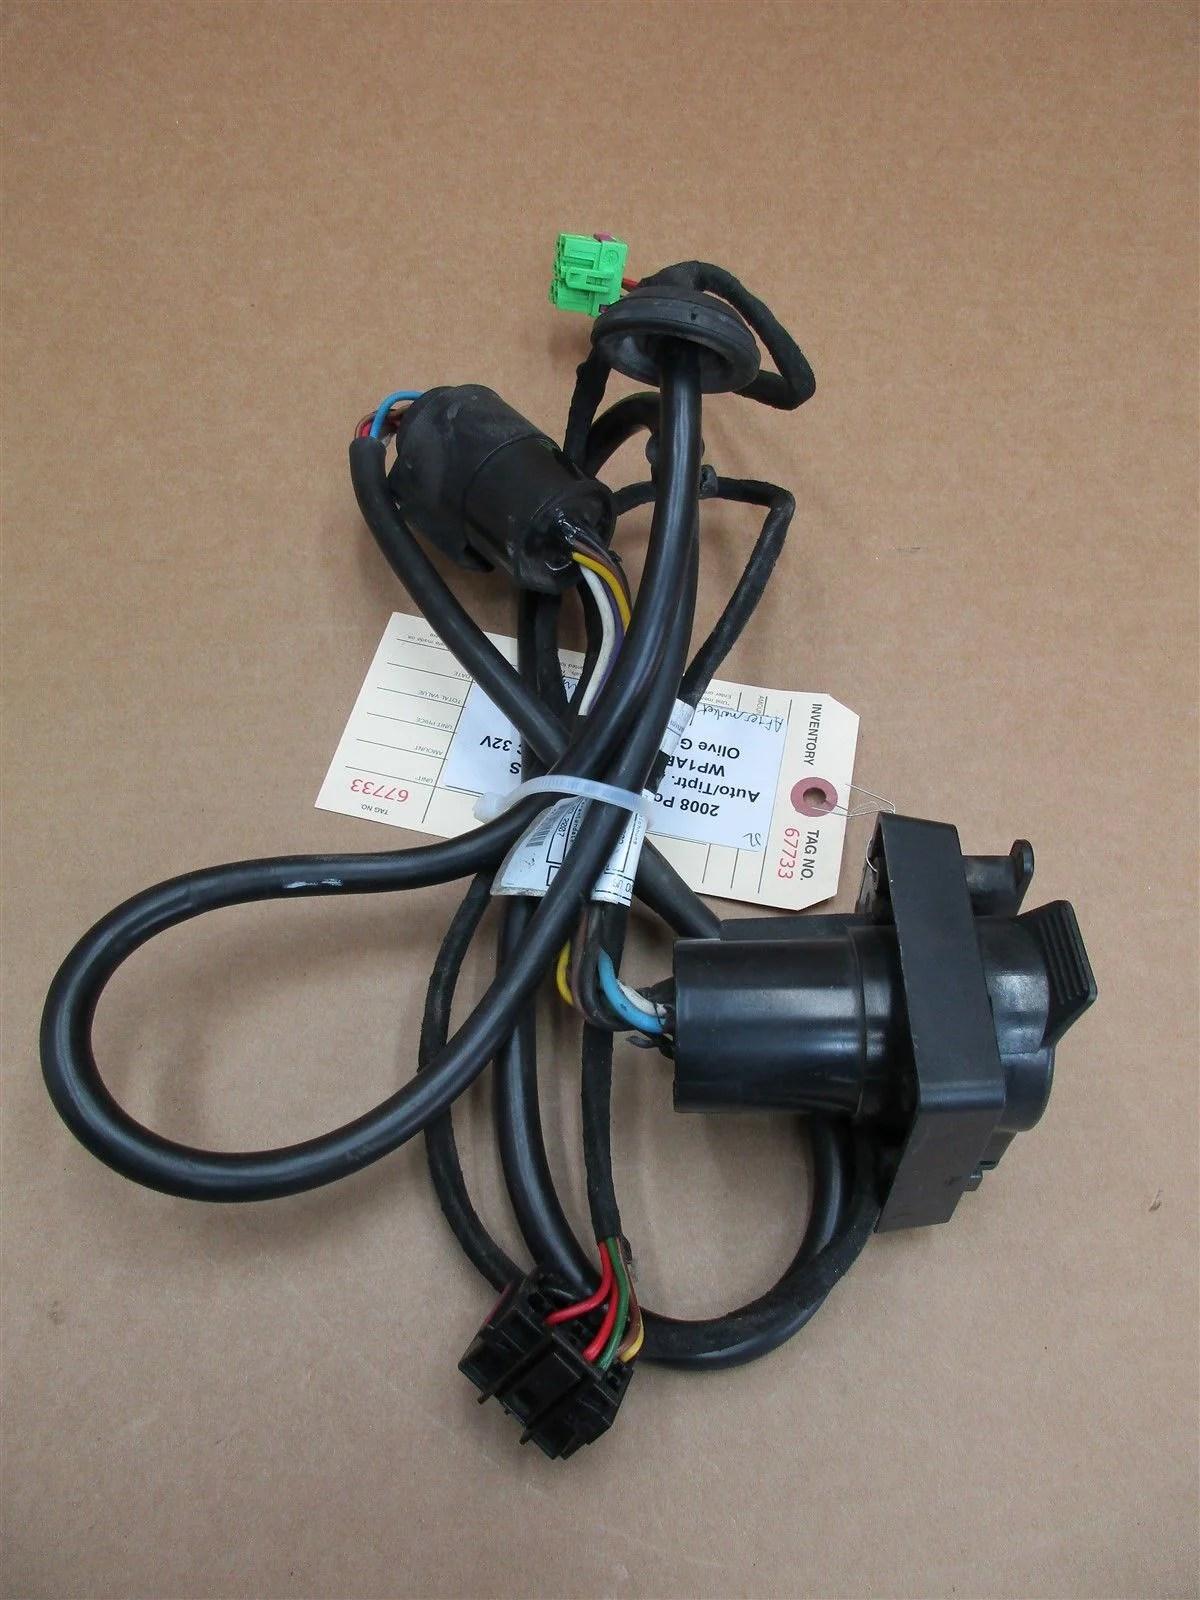 08 cayenne s porsche 957 aftermarket wiring harness u haul 327007321003 122 873 [ 1200 x 1600 Pixel ]